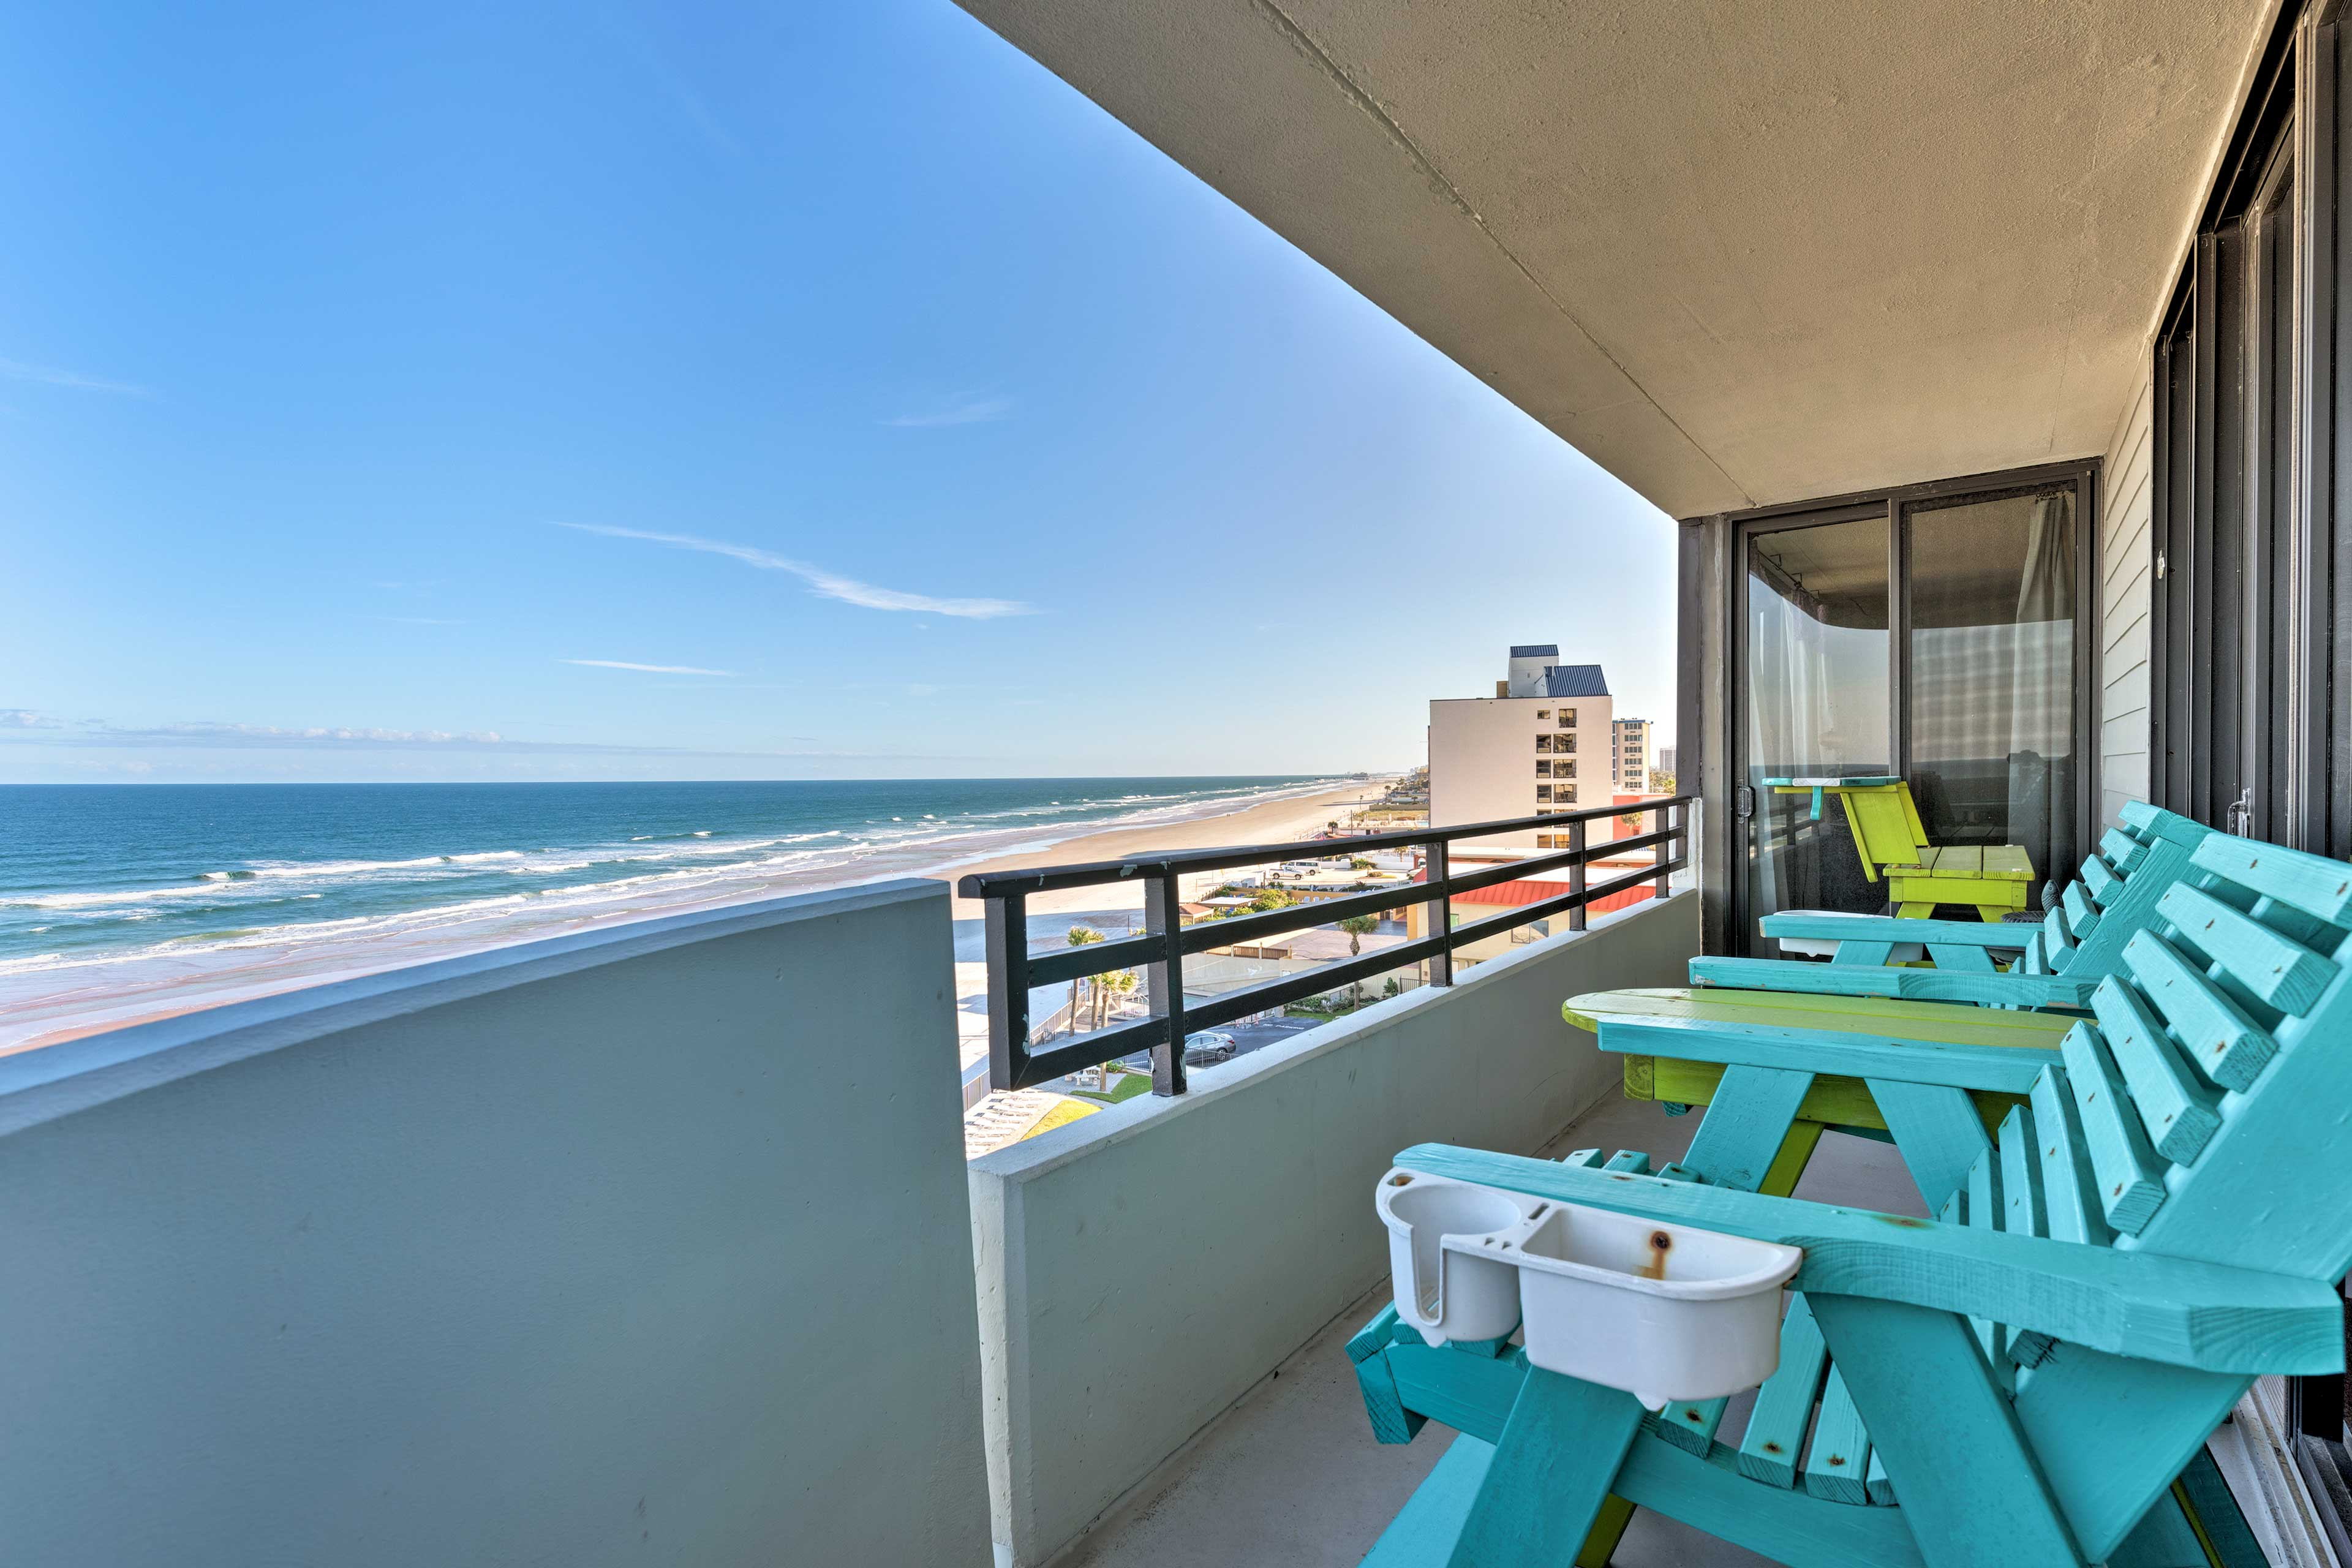 Soak up a refreshing coastal breeze from the shaded balcony.